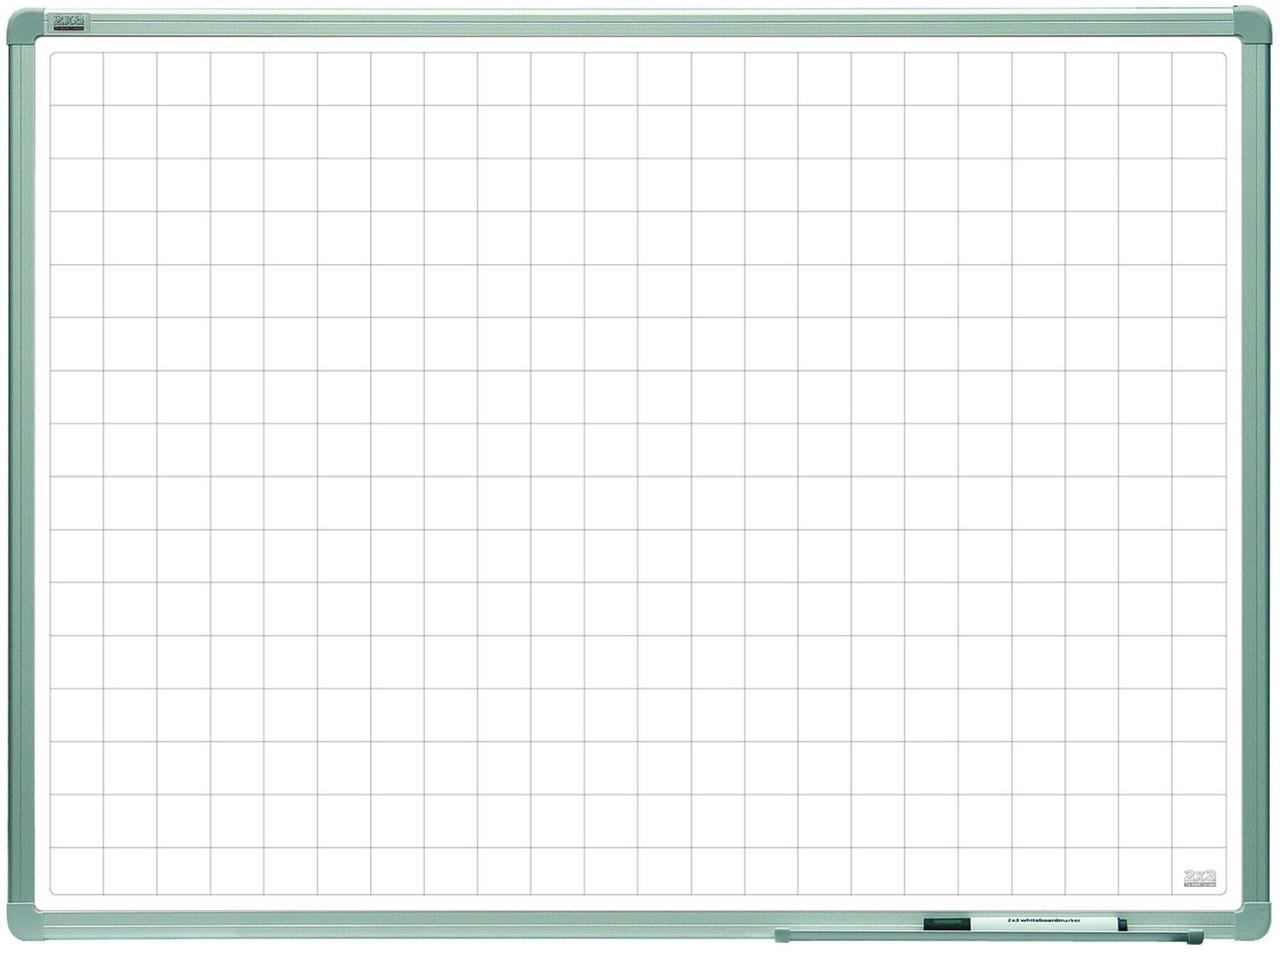 Магнитно-маркерная доска 2х3 разлинковая в клетку ALU23. Все размеры. Белая доска для рисования маркером